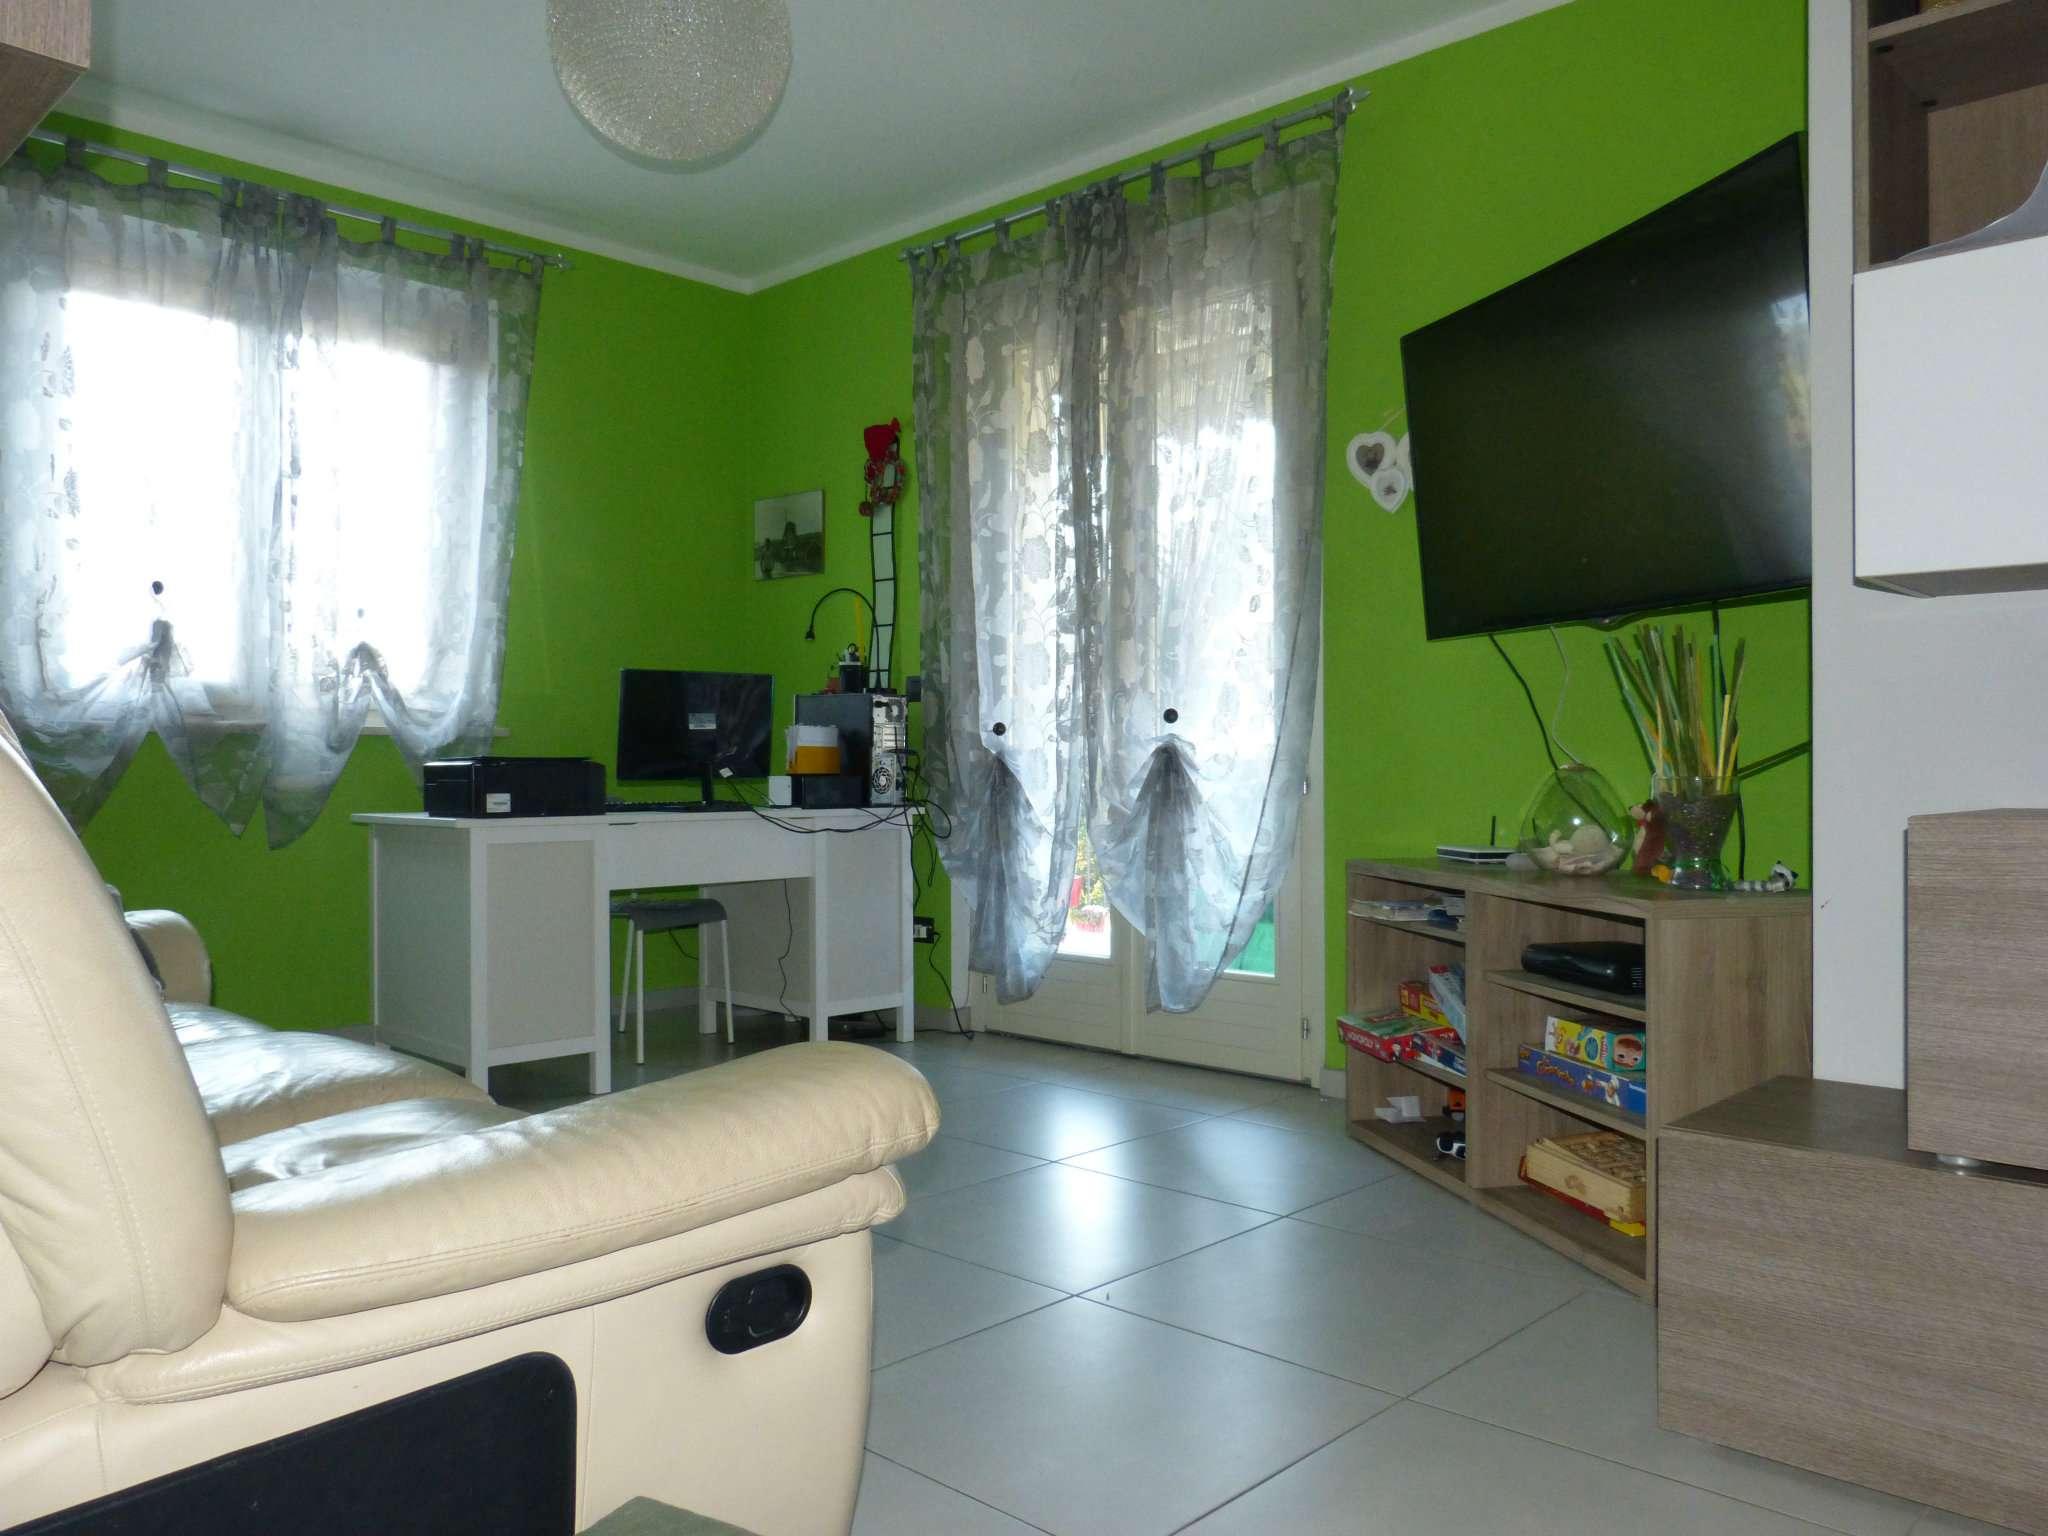 Appartamento in vendita a Fossano, 4 locali, prezzo € 185.000 | CambioCasa.it